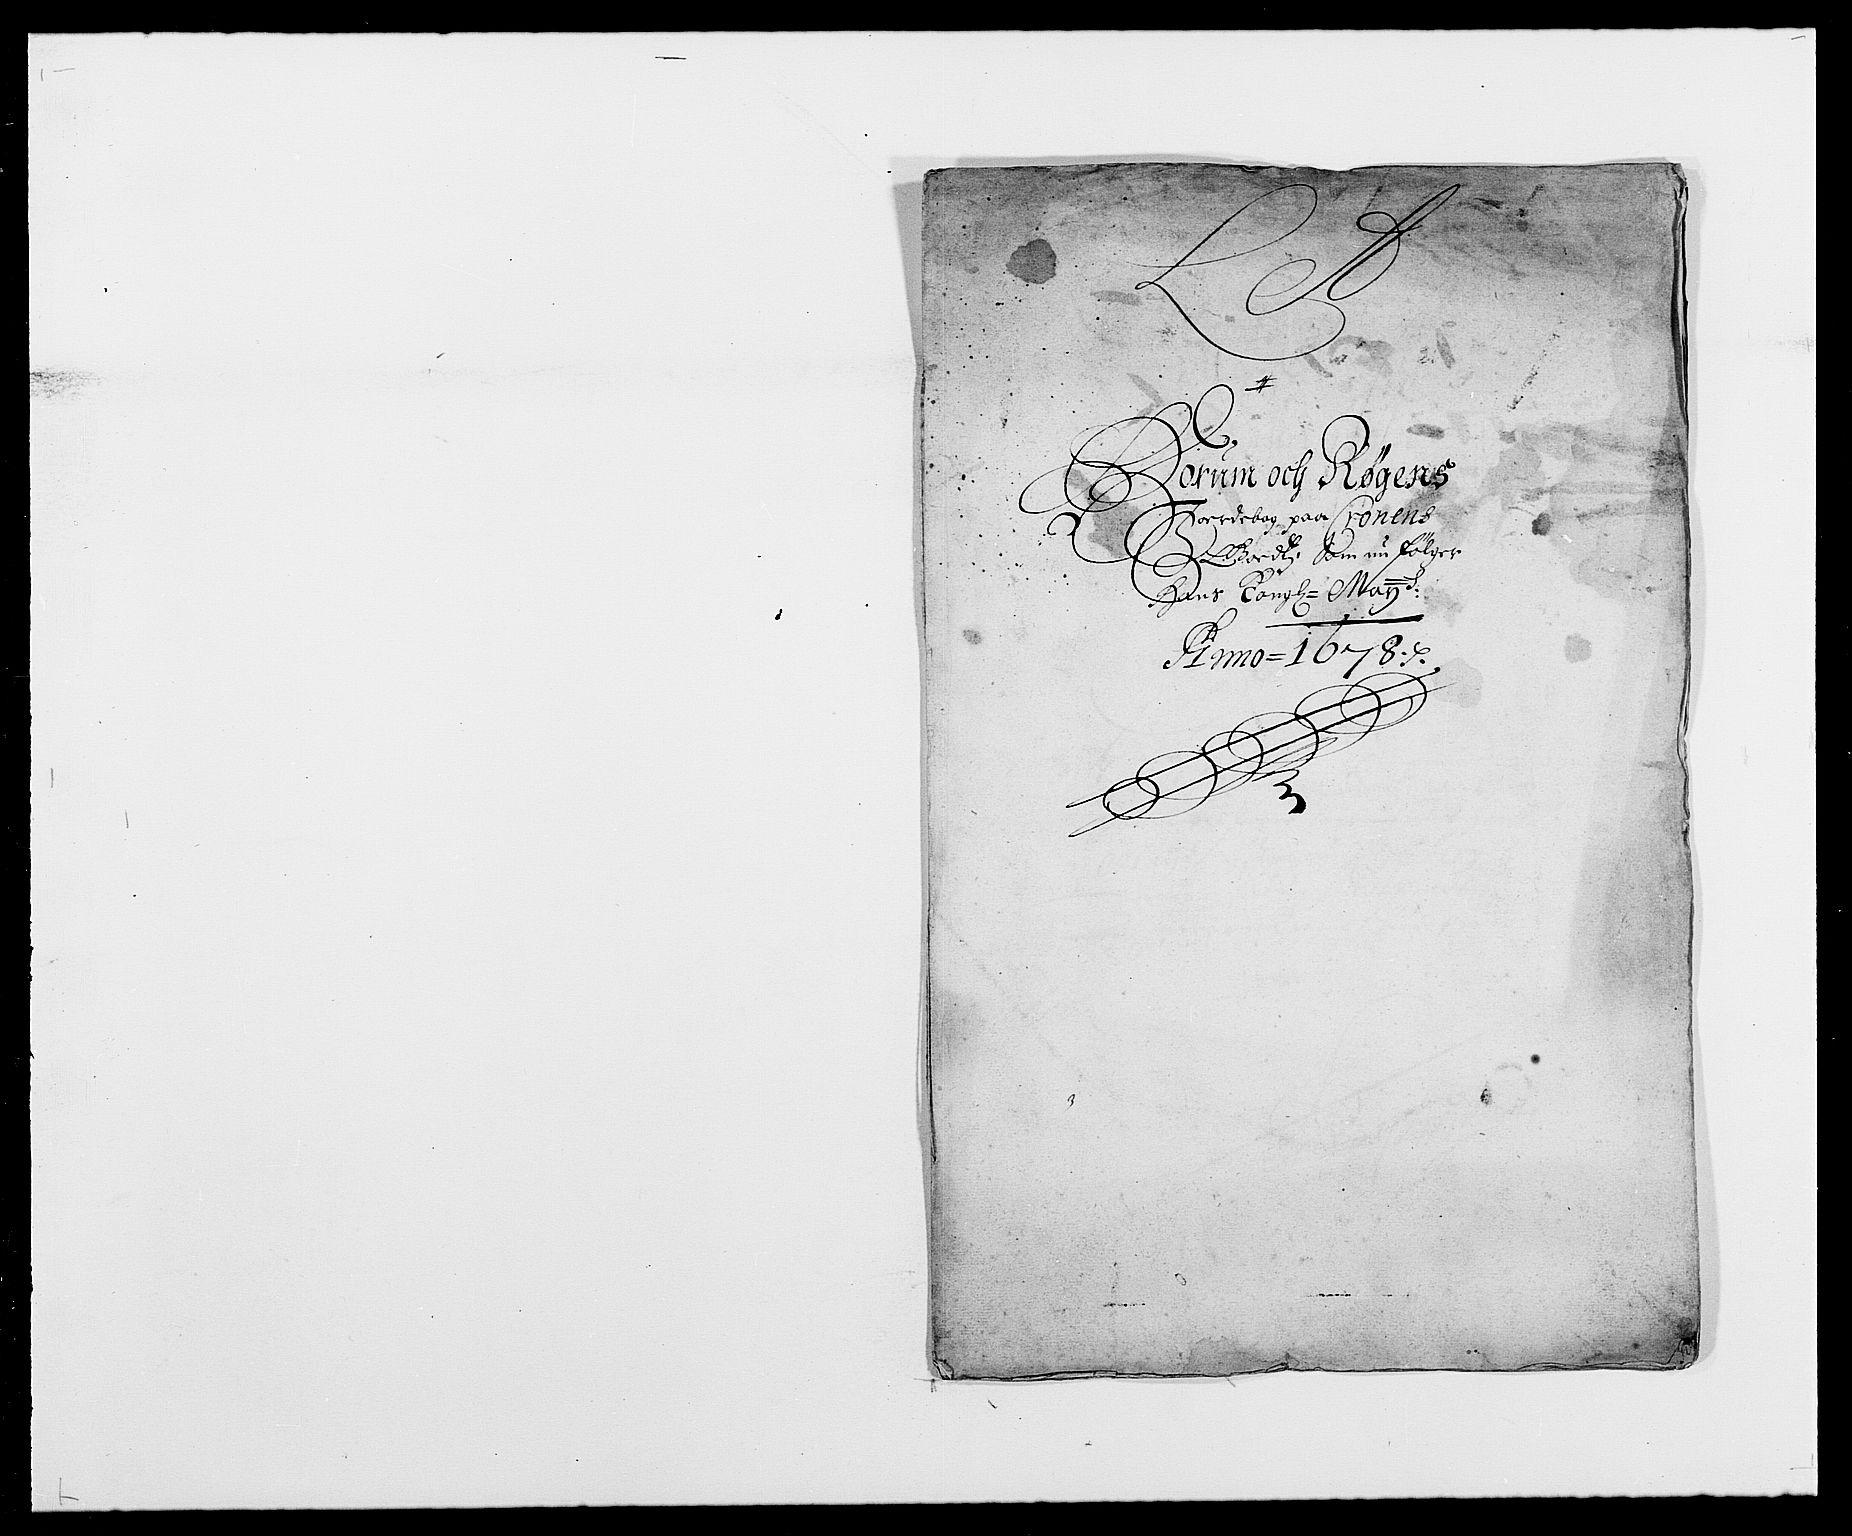 RA, Rentekammeret inntil 1814, Reviderte regnskaper, Fogderegnskap, R29/L1691: Fogderegnskap Hurum og Røyken, 1678-1681, s. 42